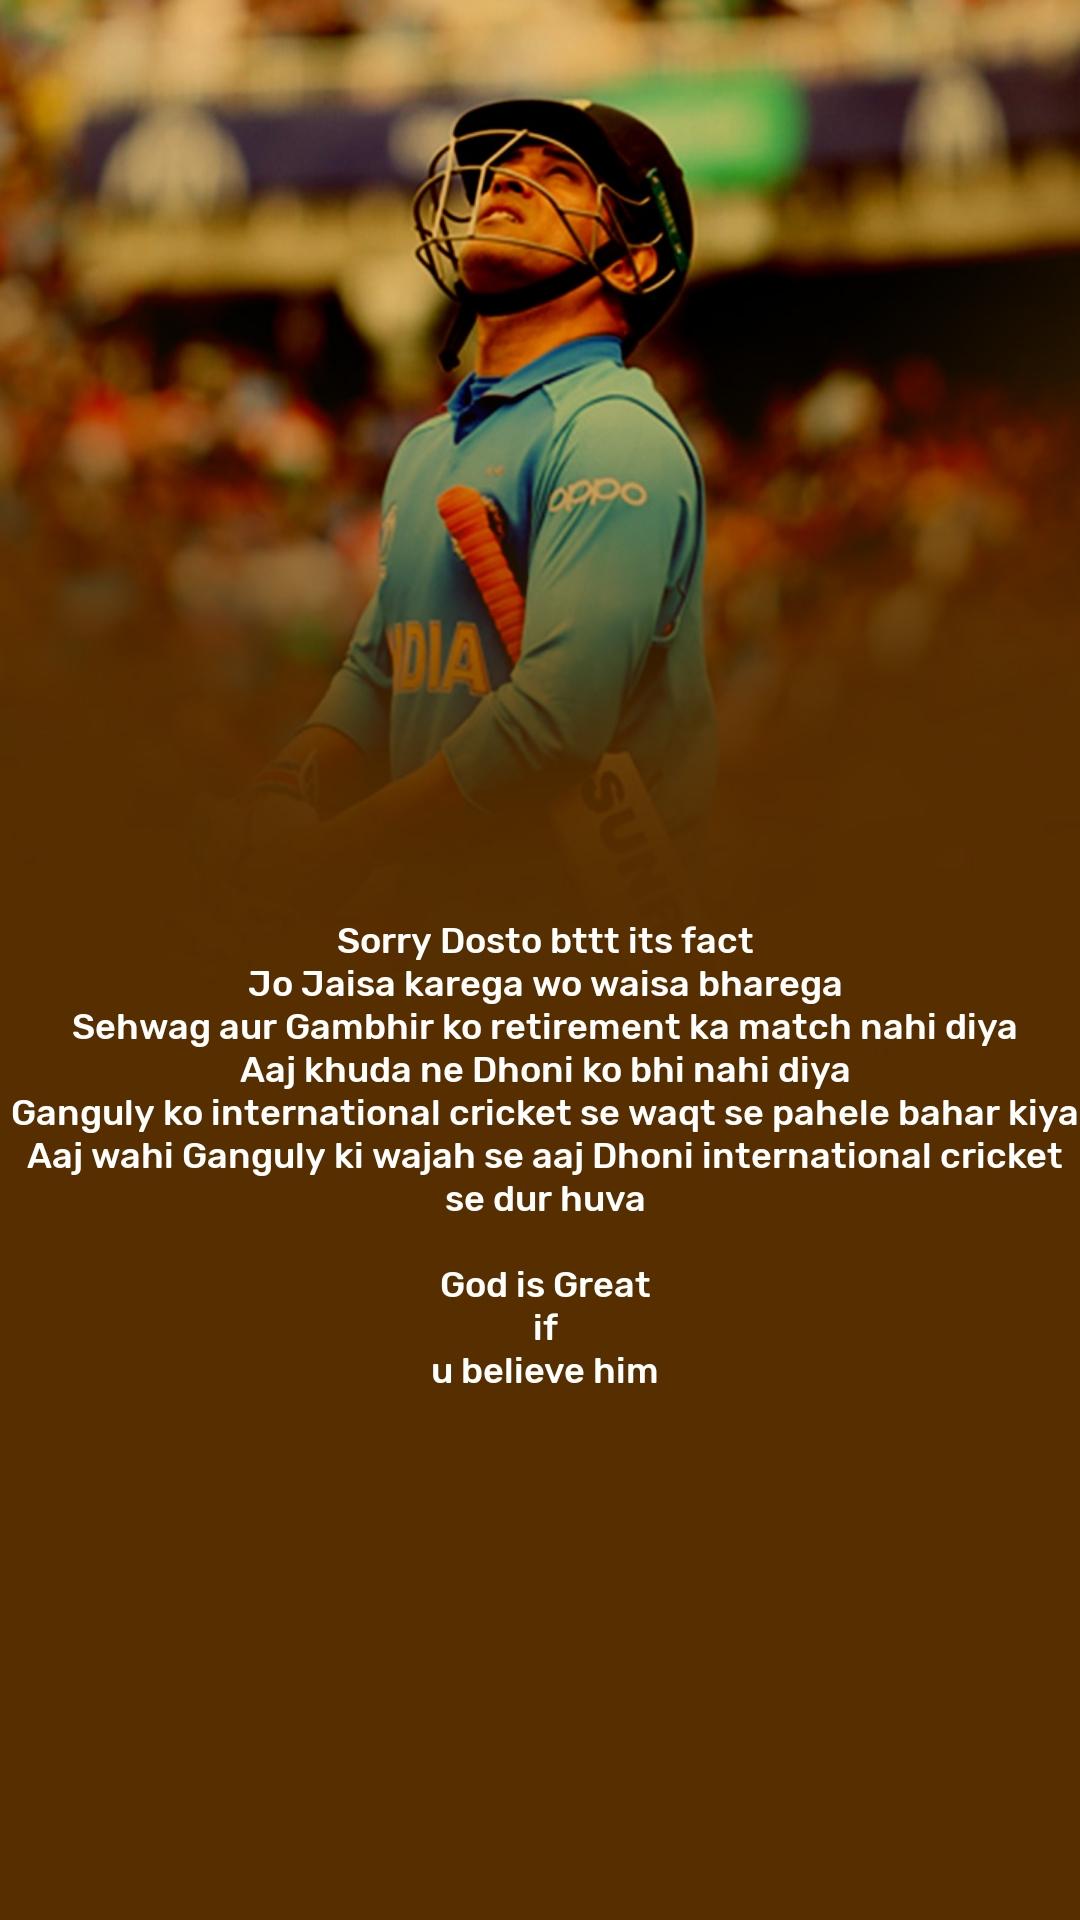 Sorry Dosto bttt its fact Jo Jaisa karega wo waisa bharega Sehwag aur Gambhir ko retirement ka match nahi diya Aaj khuda ne Dhoni ko bhi nahi diya Ganguly ko international cricket se waqt se pahele bahar kiya Aaj wahi Ganguly ki wajah se aaj Dhoni international cricket se dur huva  God is Great if u believe him